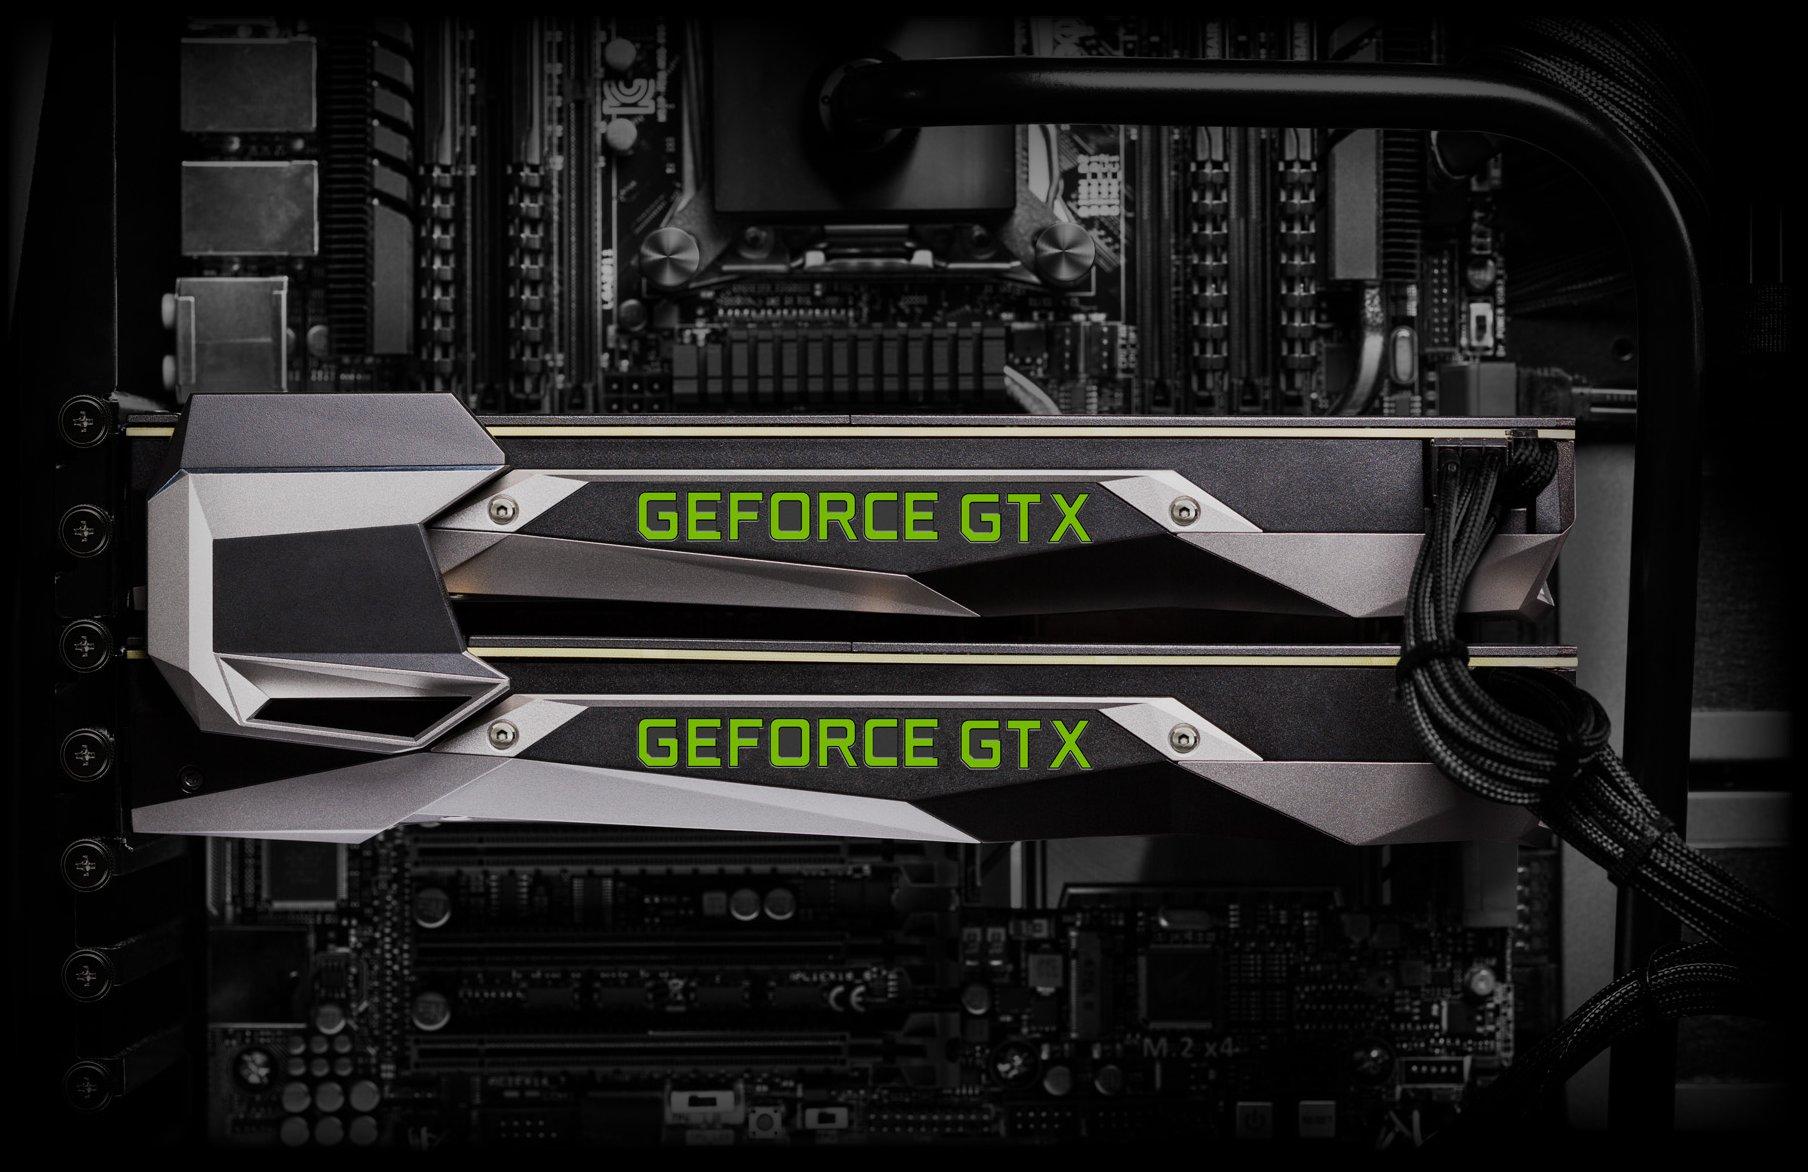 Рассекречены характеристики карты NVIDIA GeForce GTX 1080 Ti